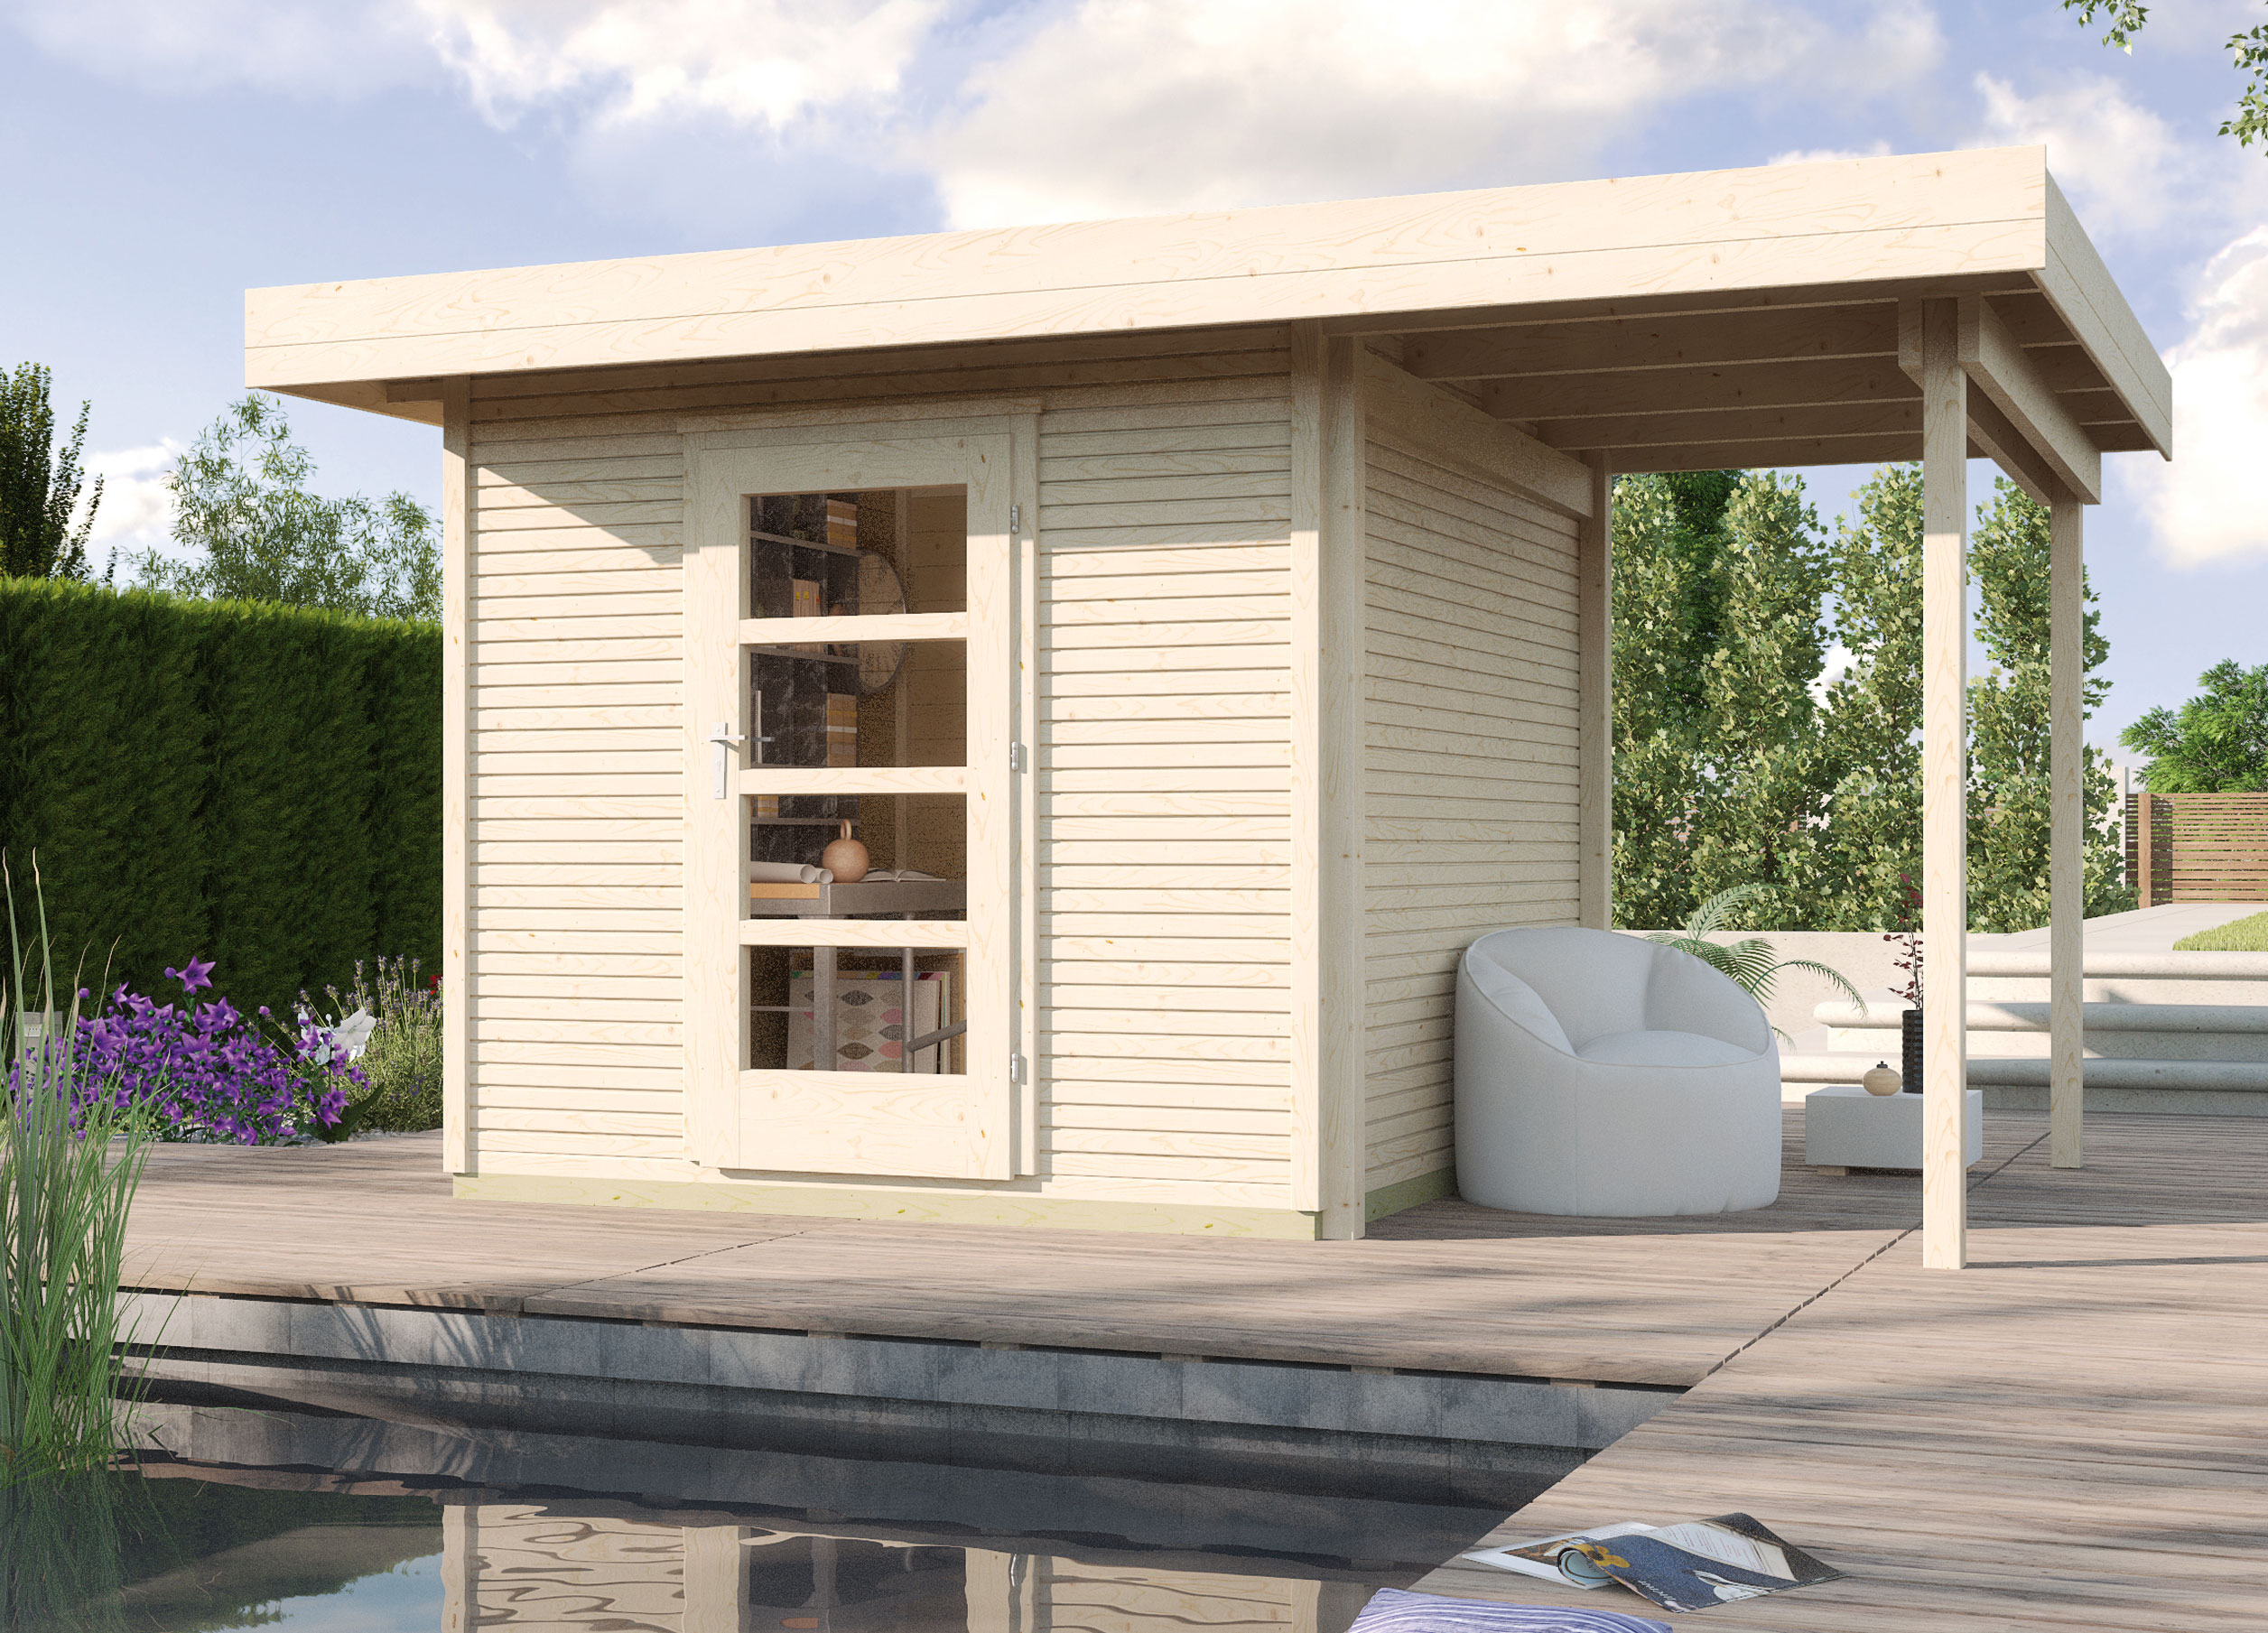 gartenhaus 28mm weka designhaus wekaline 172a gr 2 natur. Black Bedroom Furniture Sets. Home Design Ideas